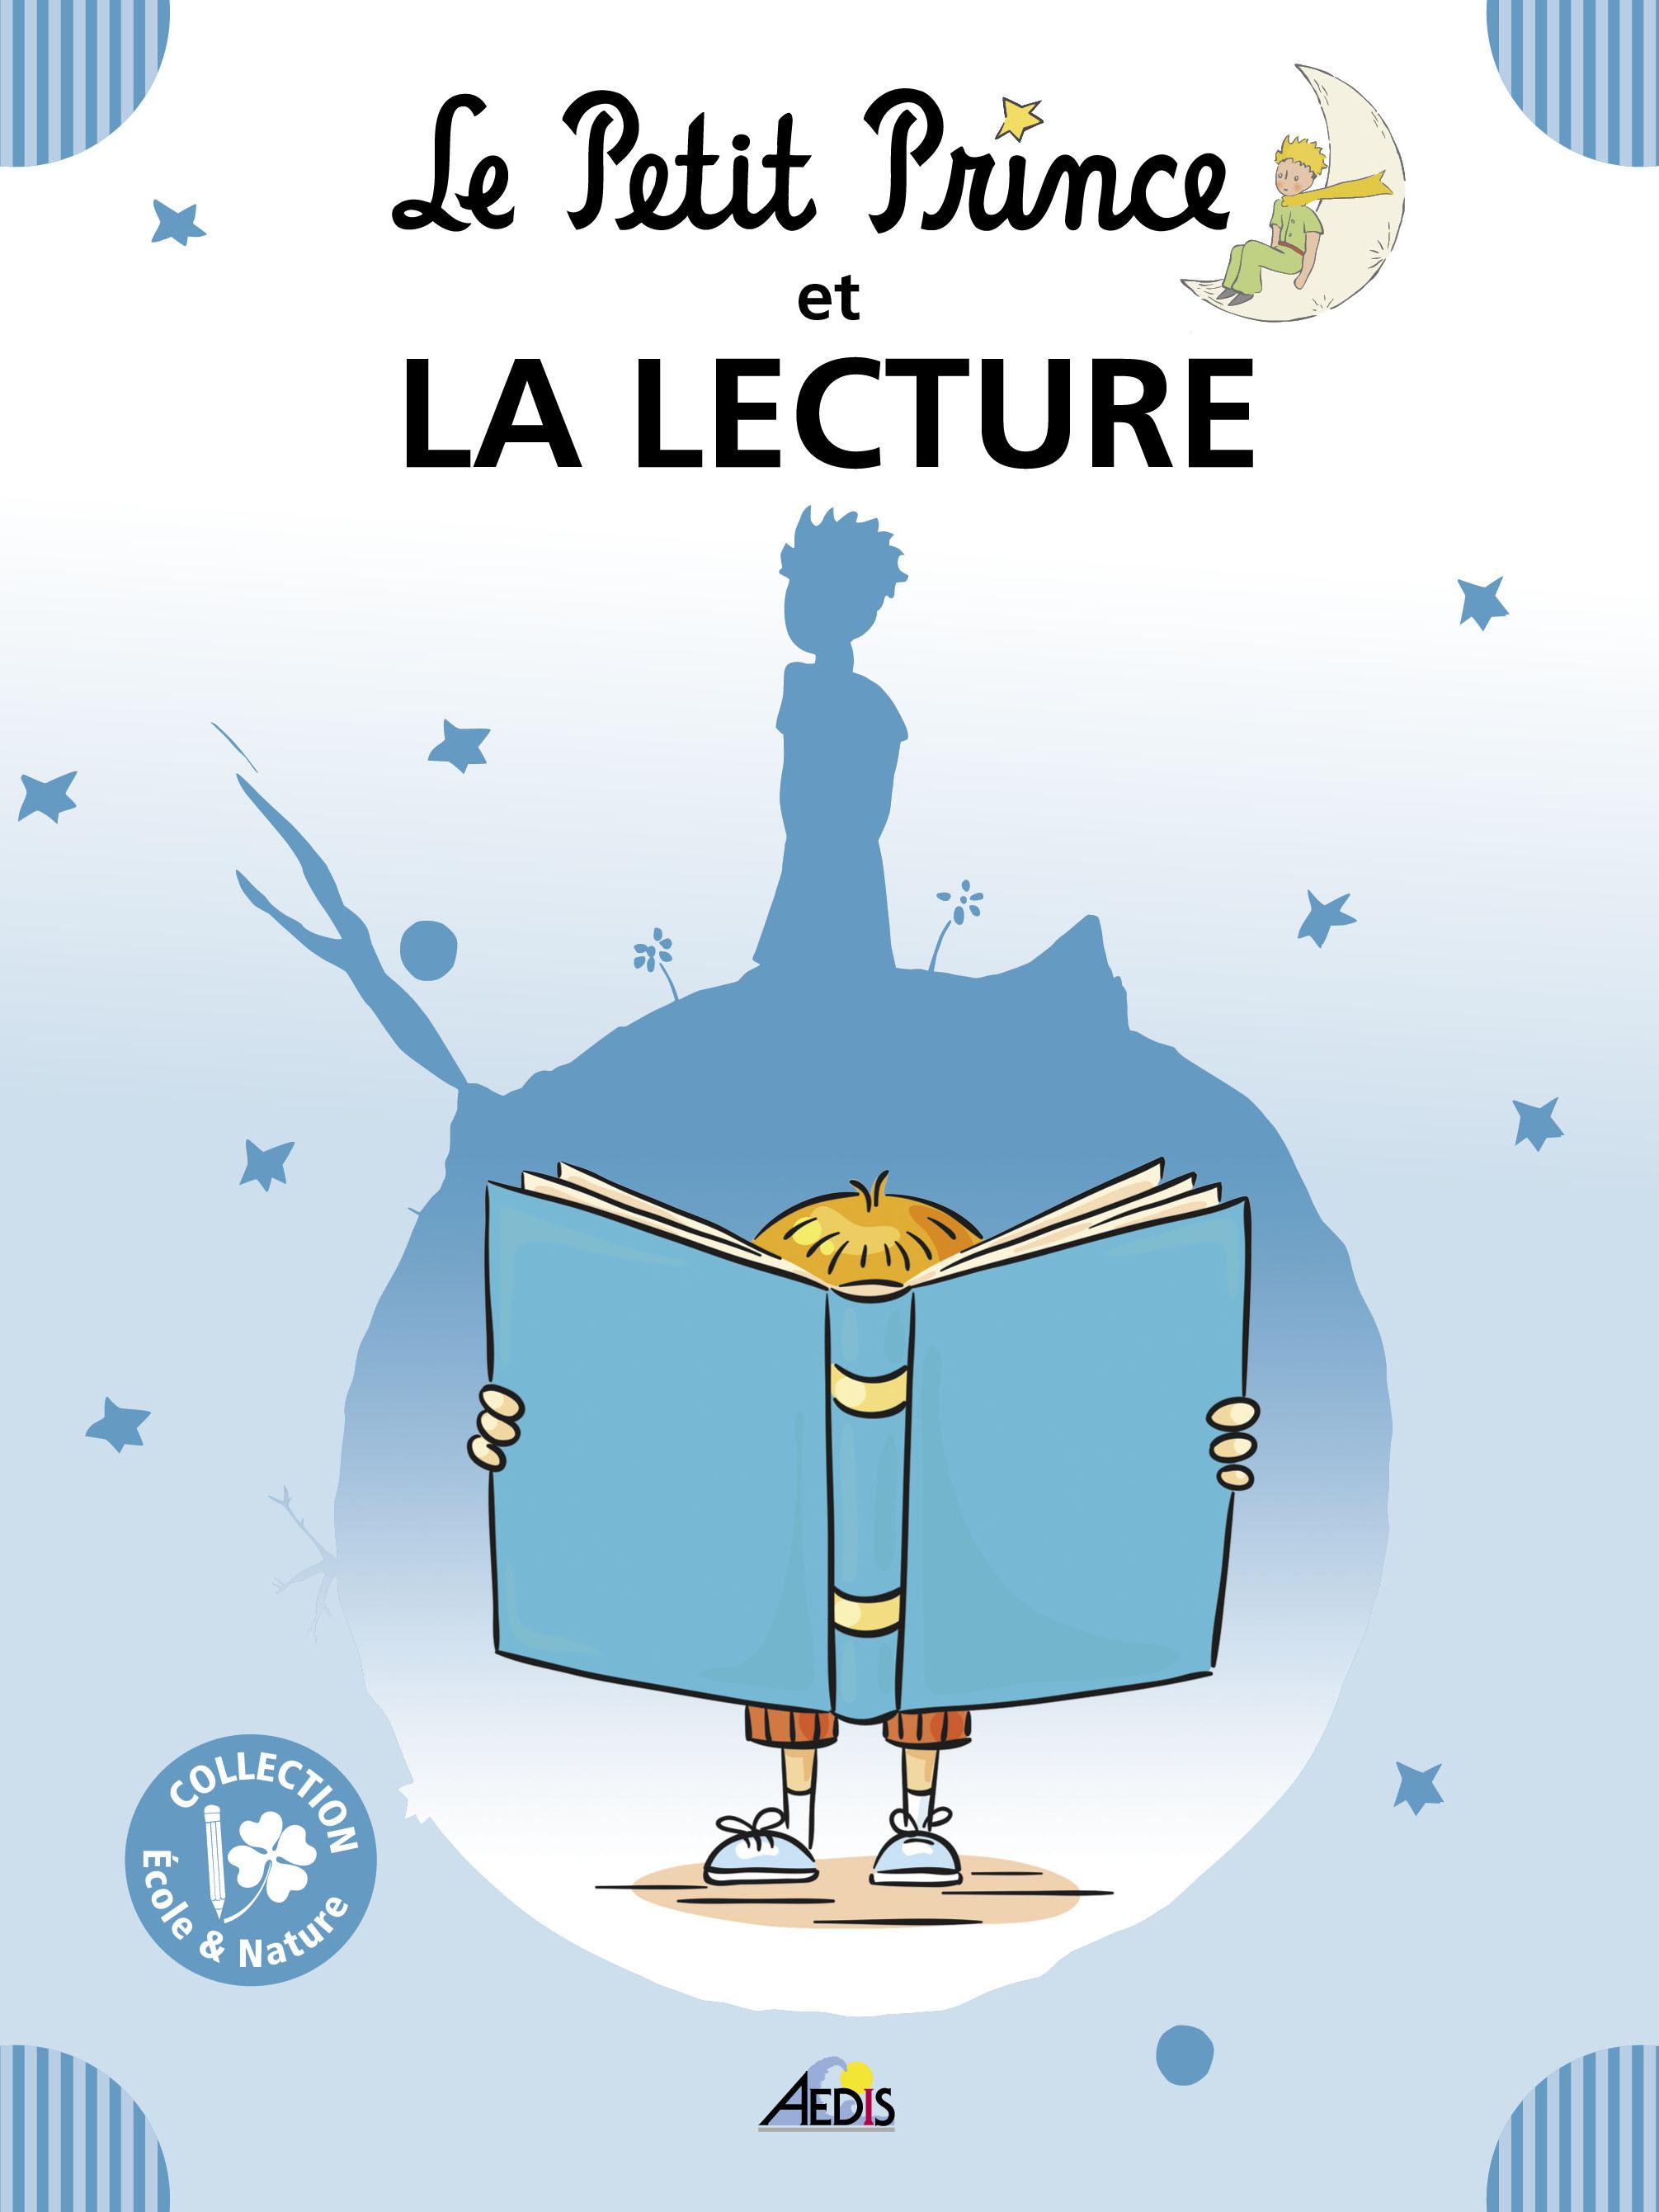 01 - LE PETIT PRINCE ET LA LECTURE